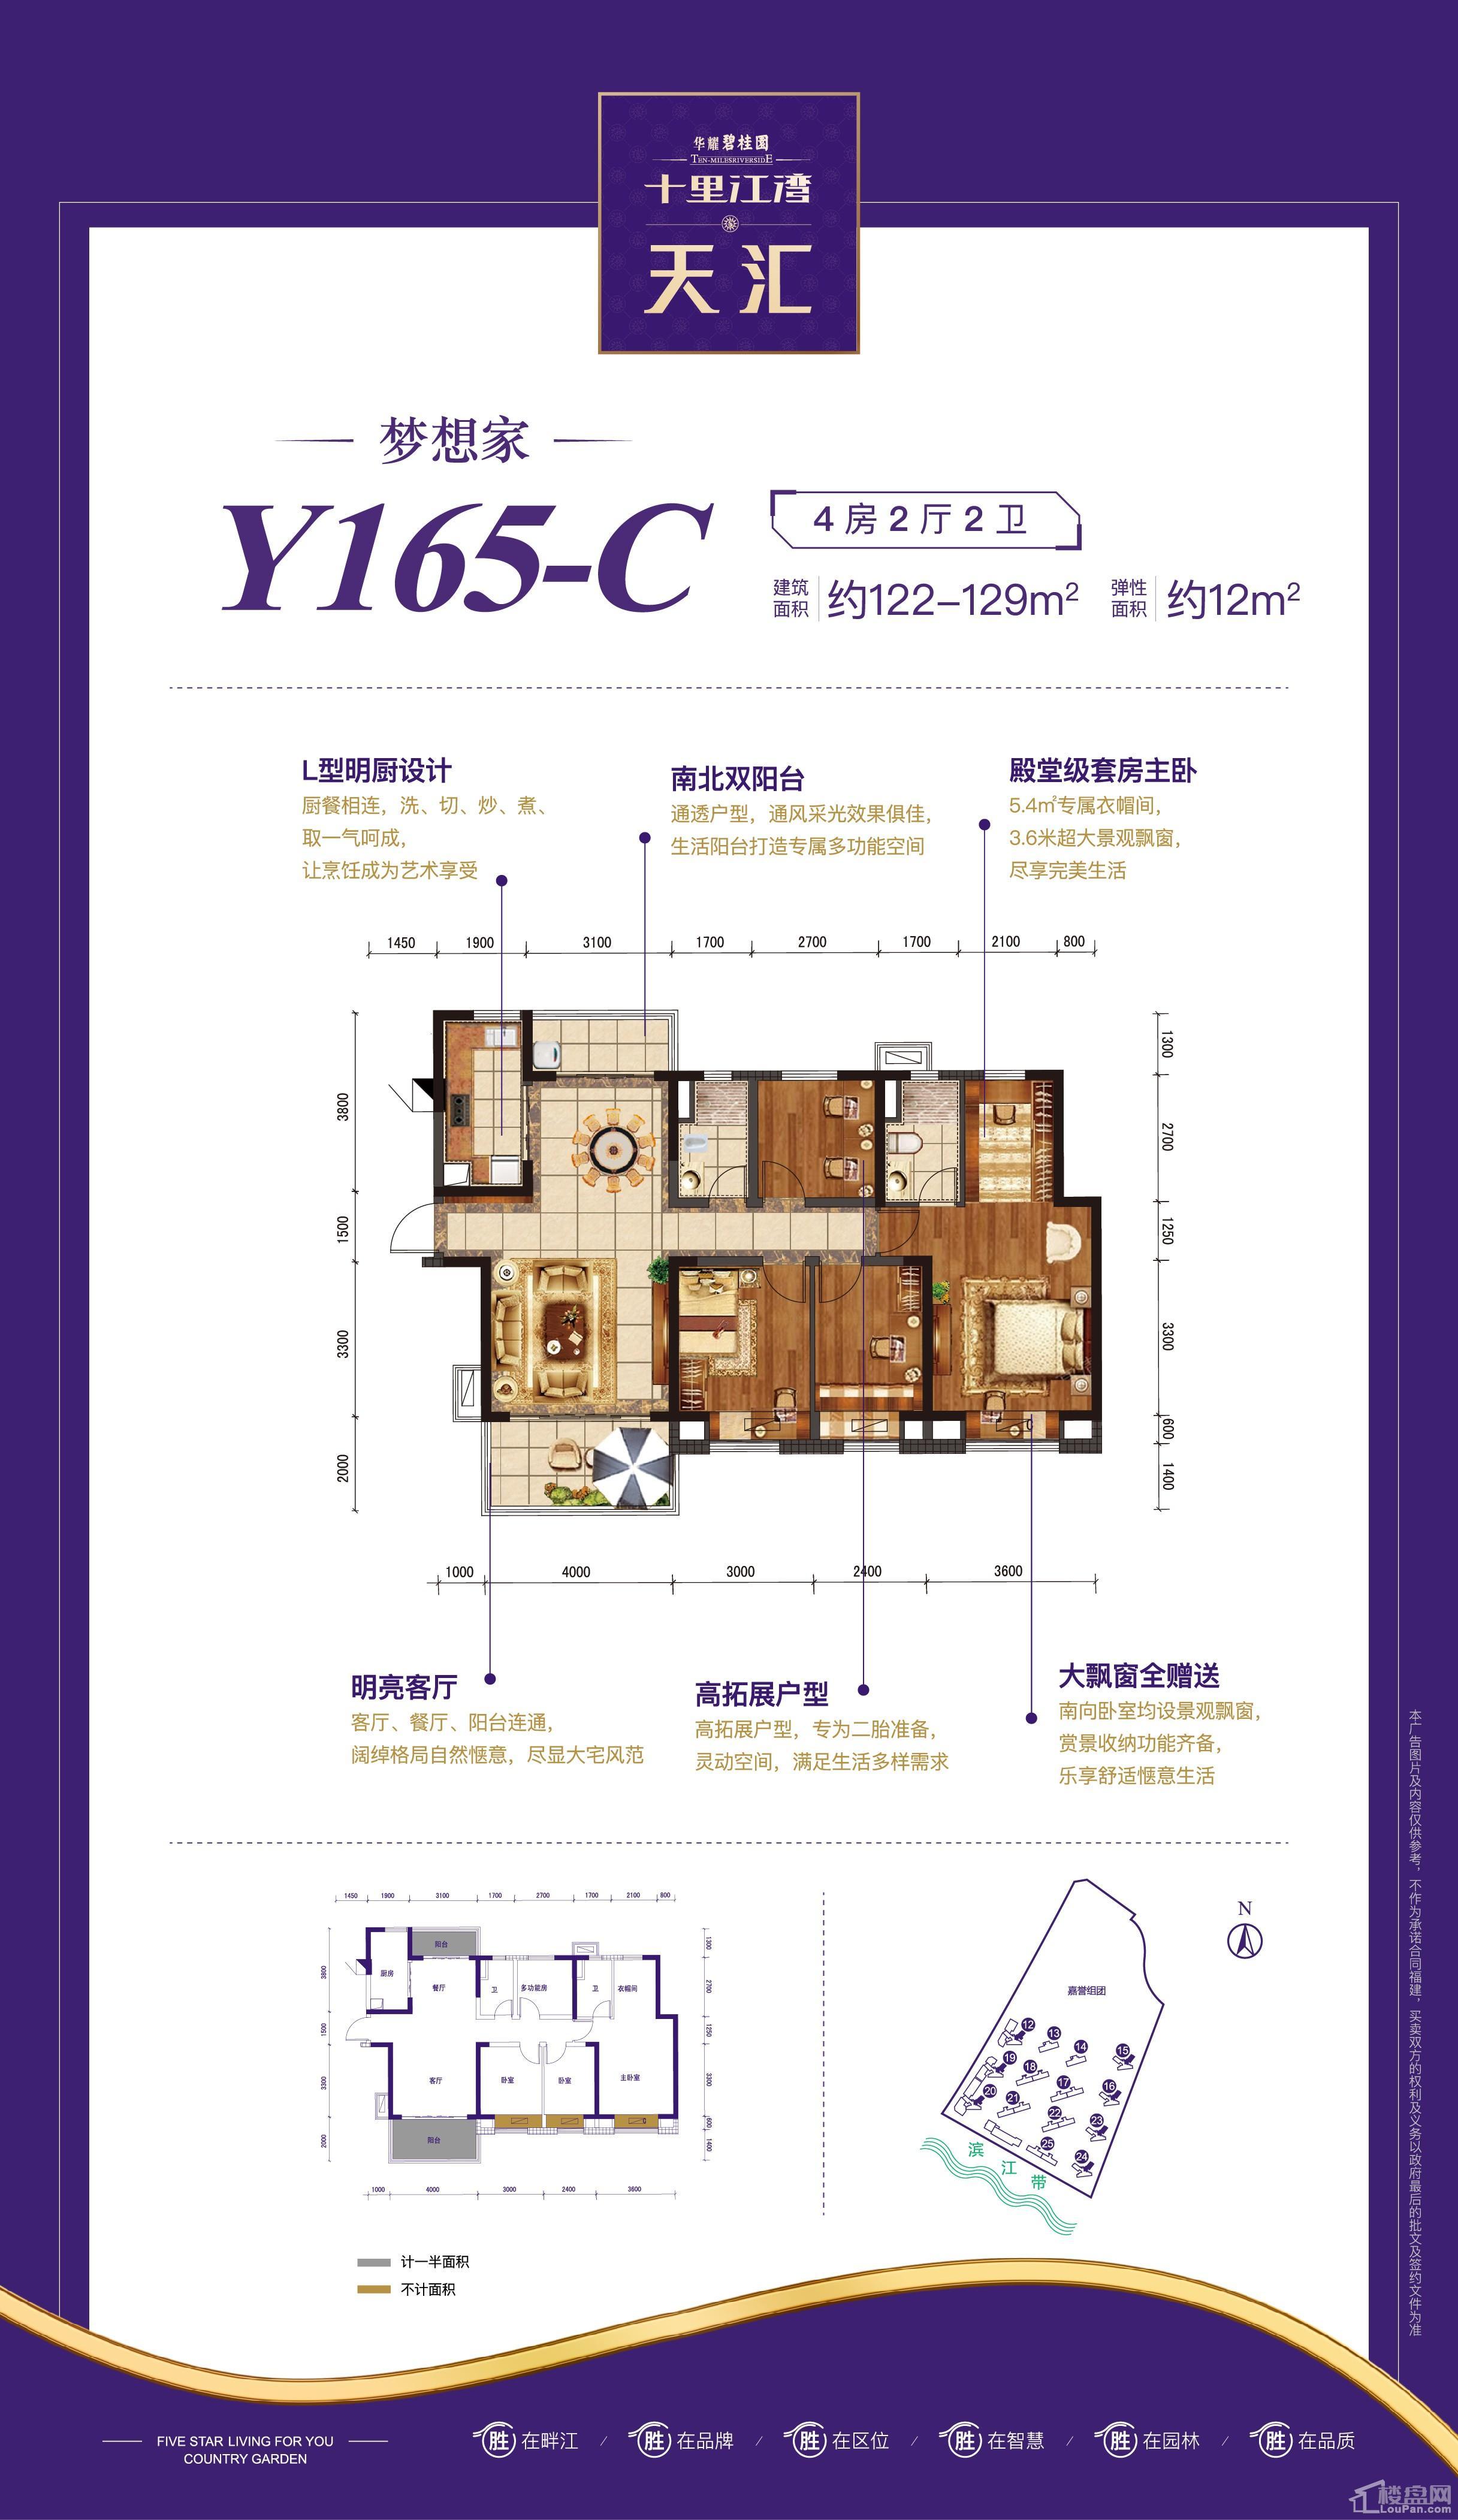 Y165-C平面